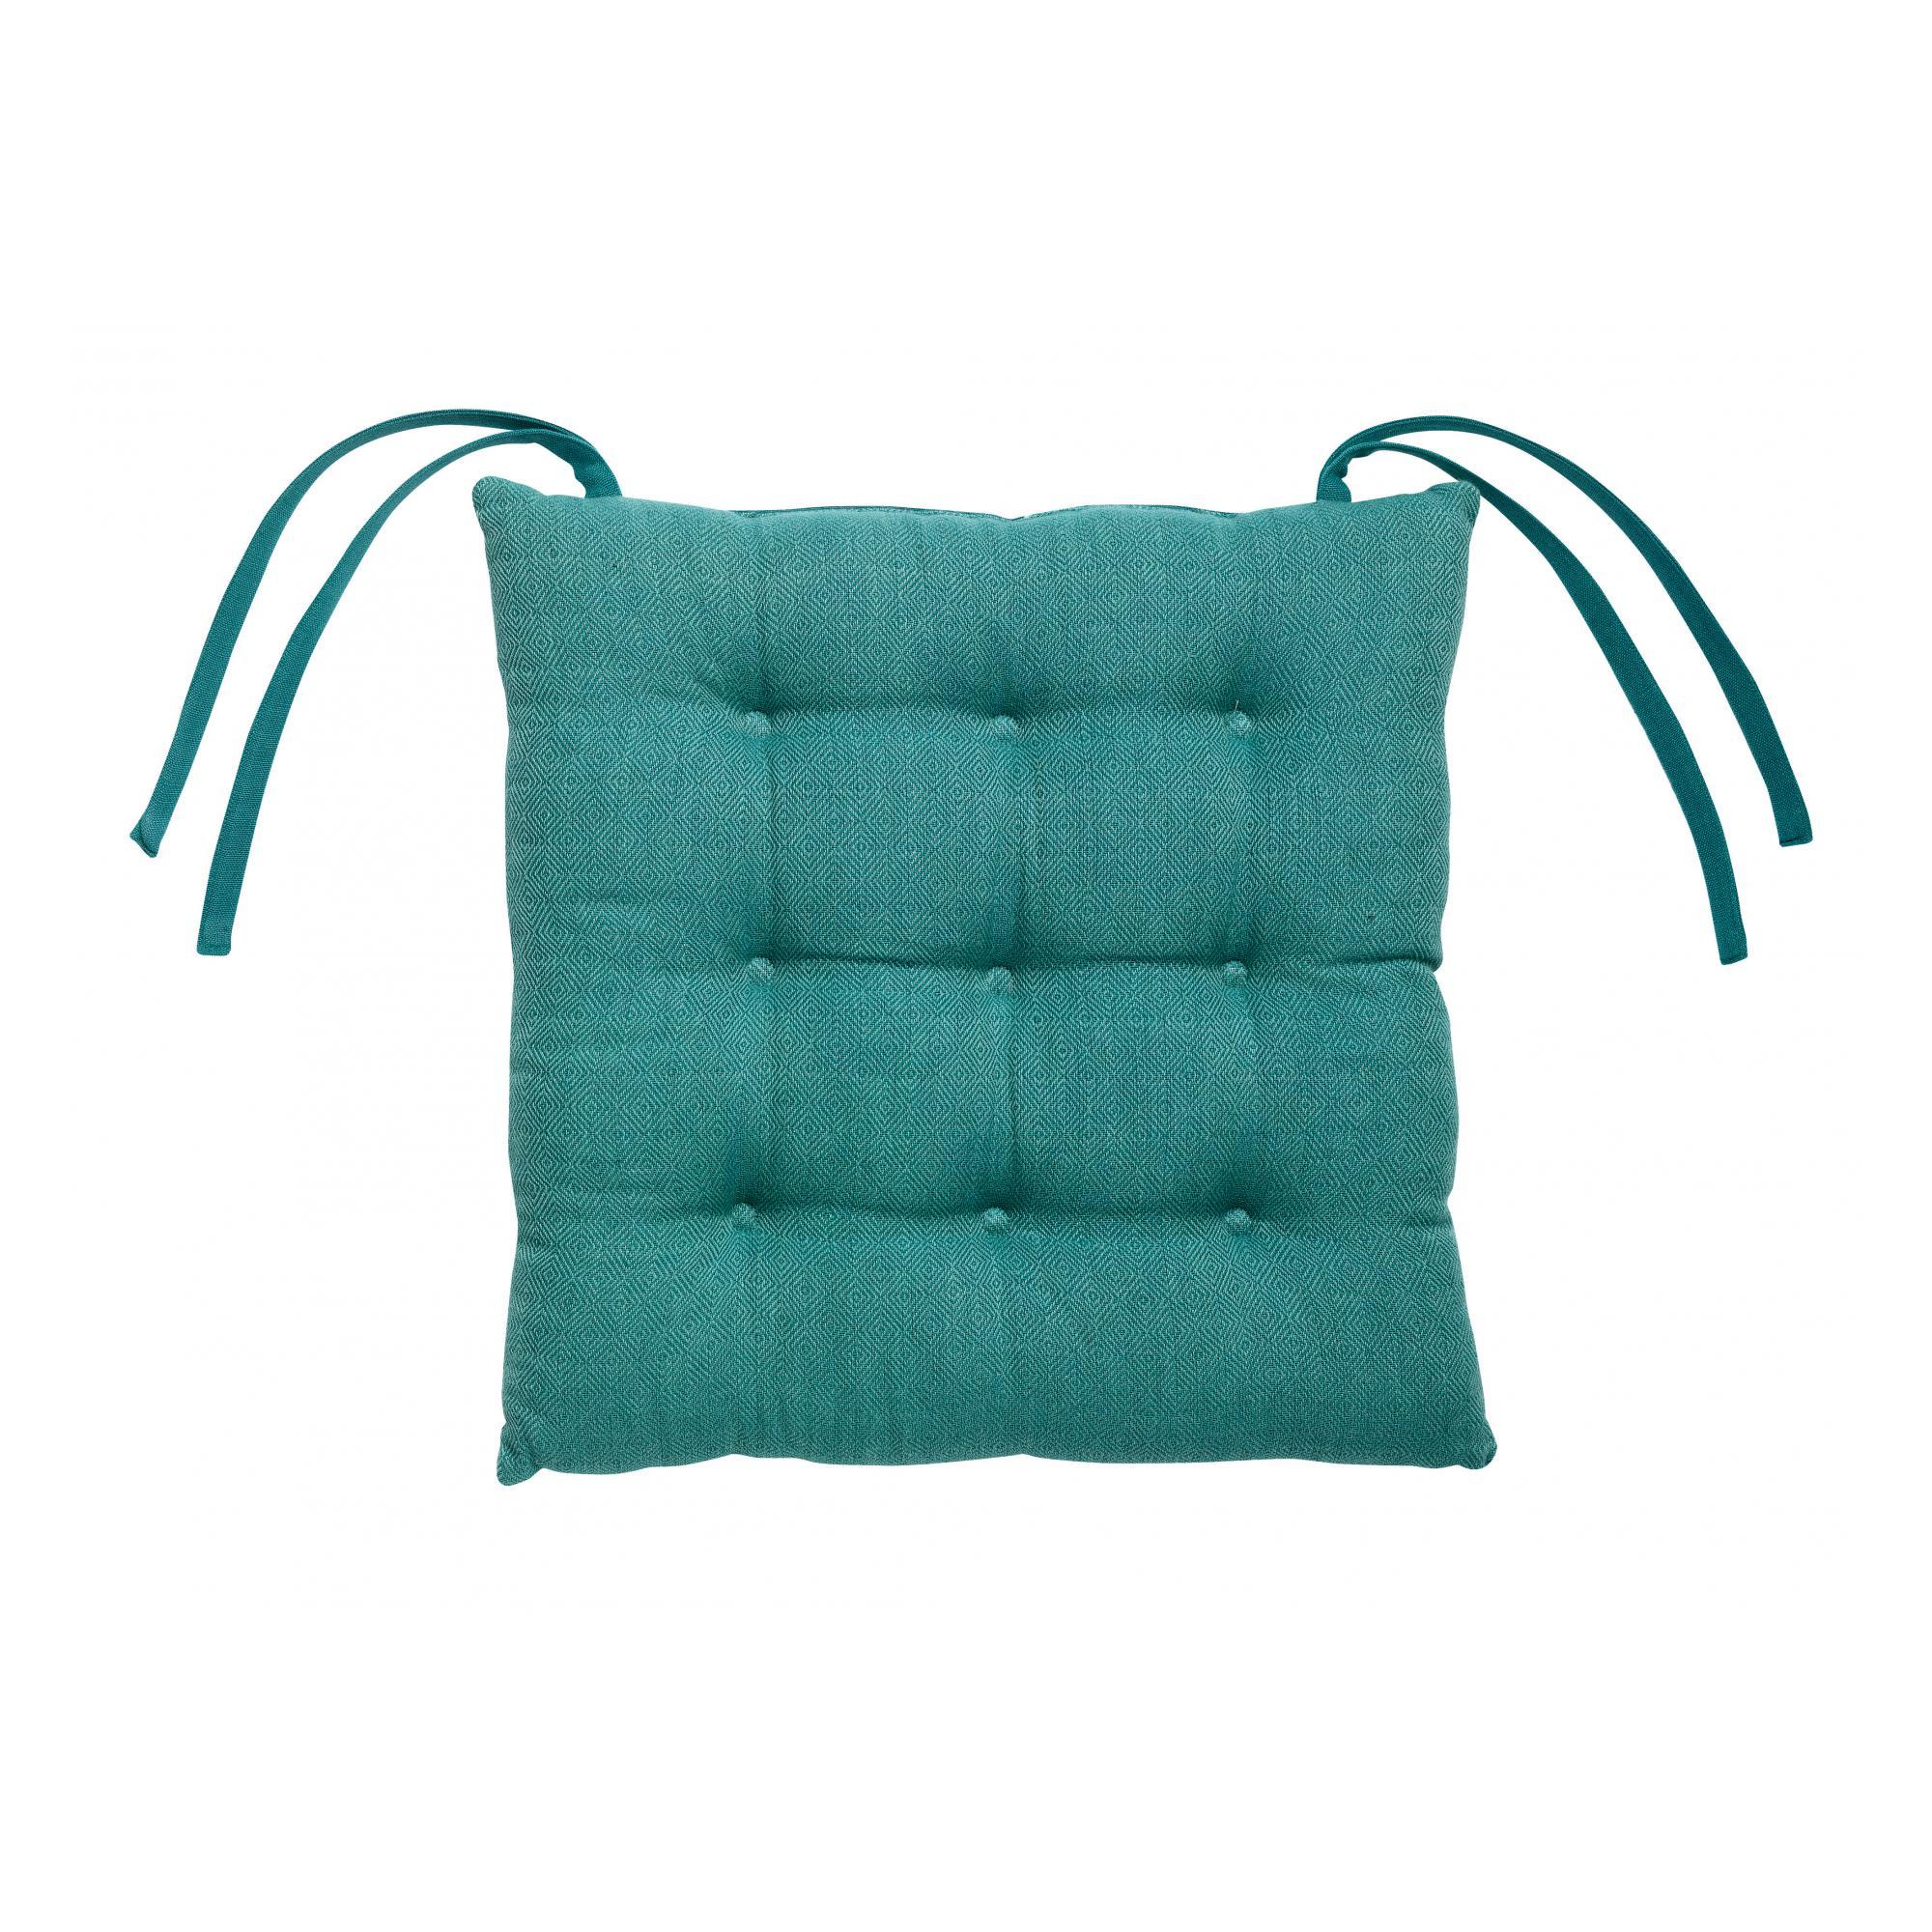 Galette de chaise piquée 9 points en coton paon 38 x 38 x 4